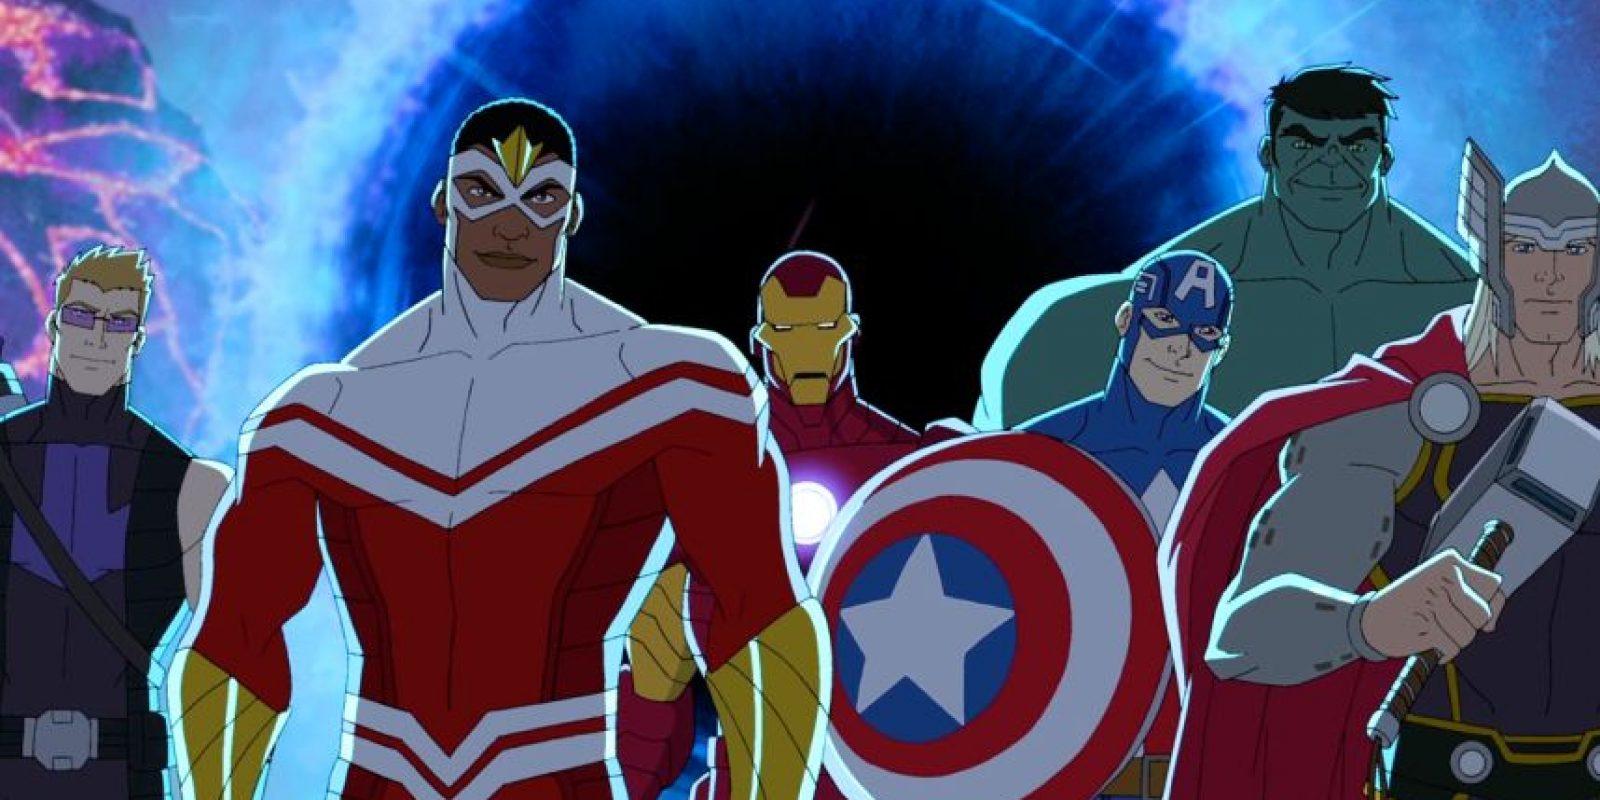 El sueño de Stan Lee es ver un crossover entre Los Vengadores, Los X- Men y Los 4 fantásticos en el cine. Pero varios estudios tienen los derechos sobre cada grupo. Foto:vía Marvel